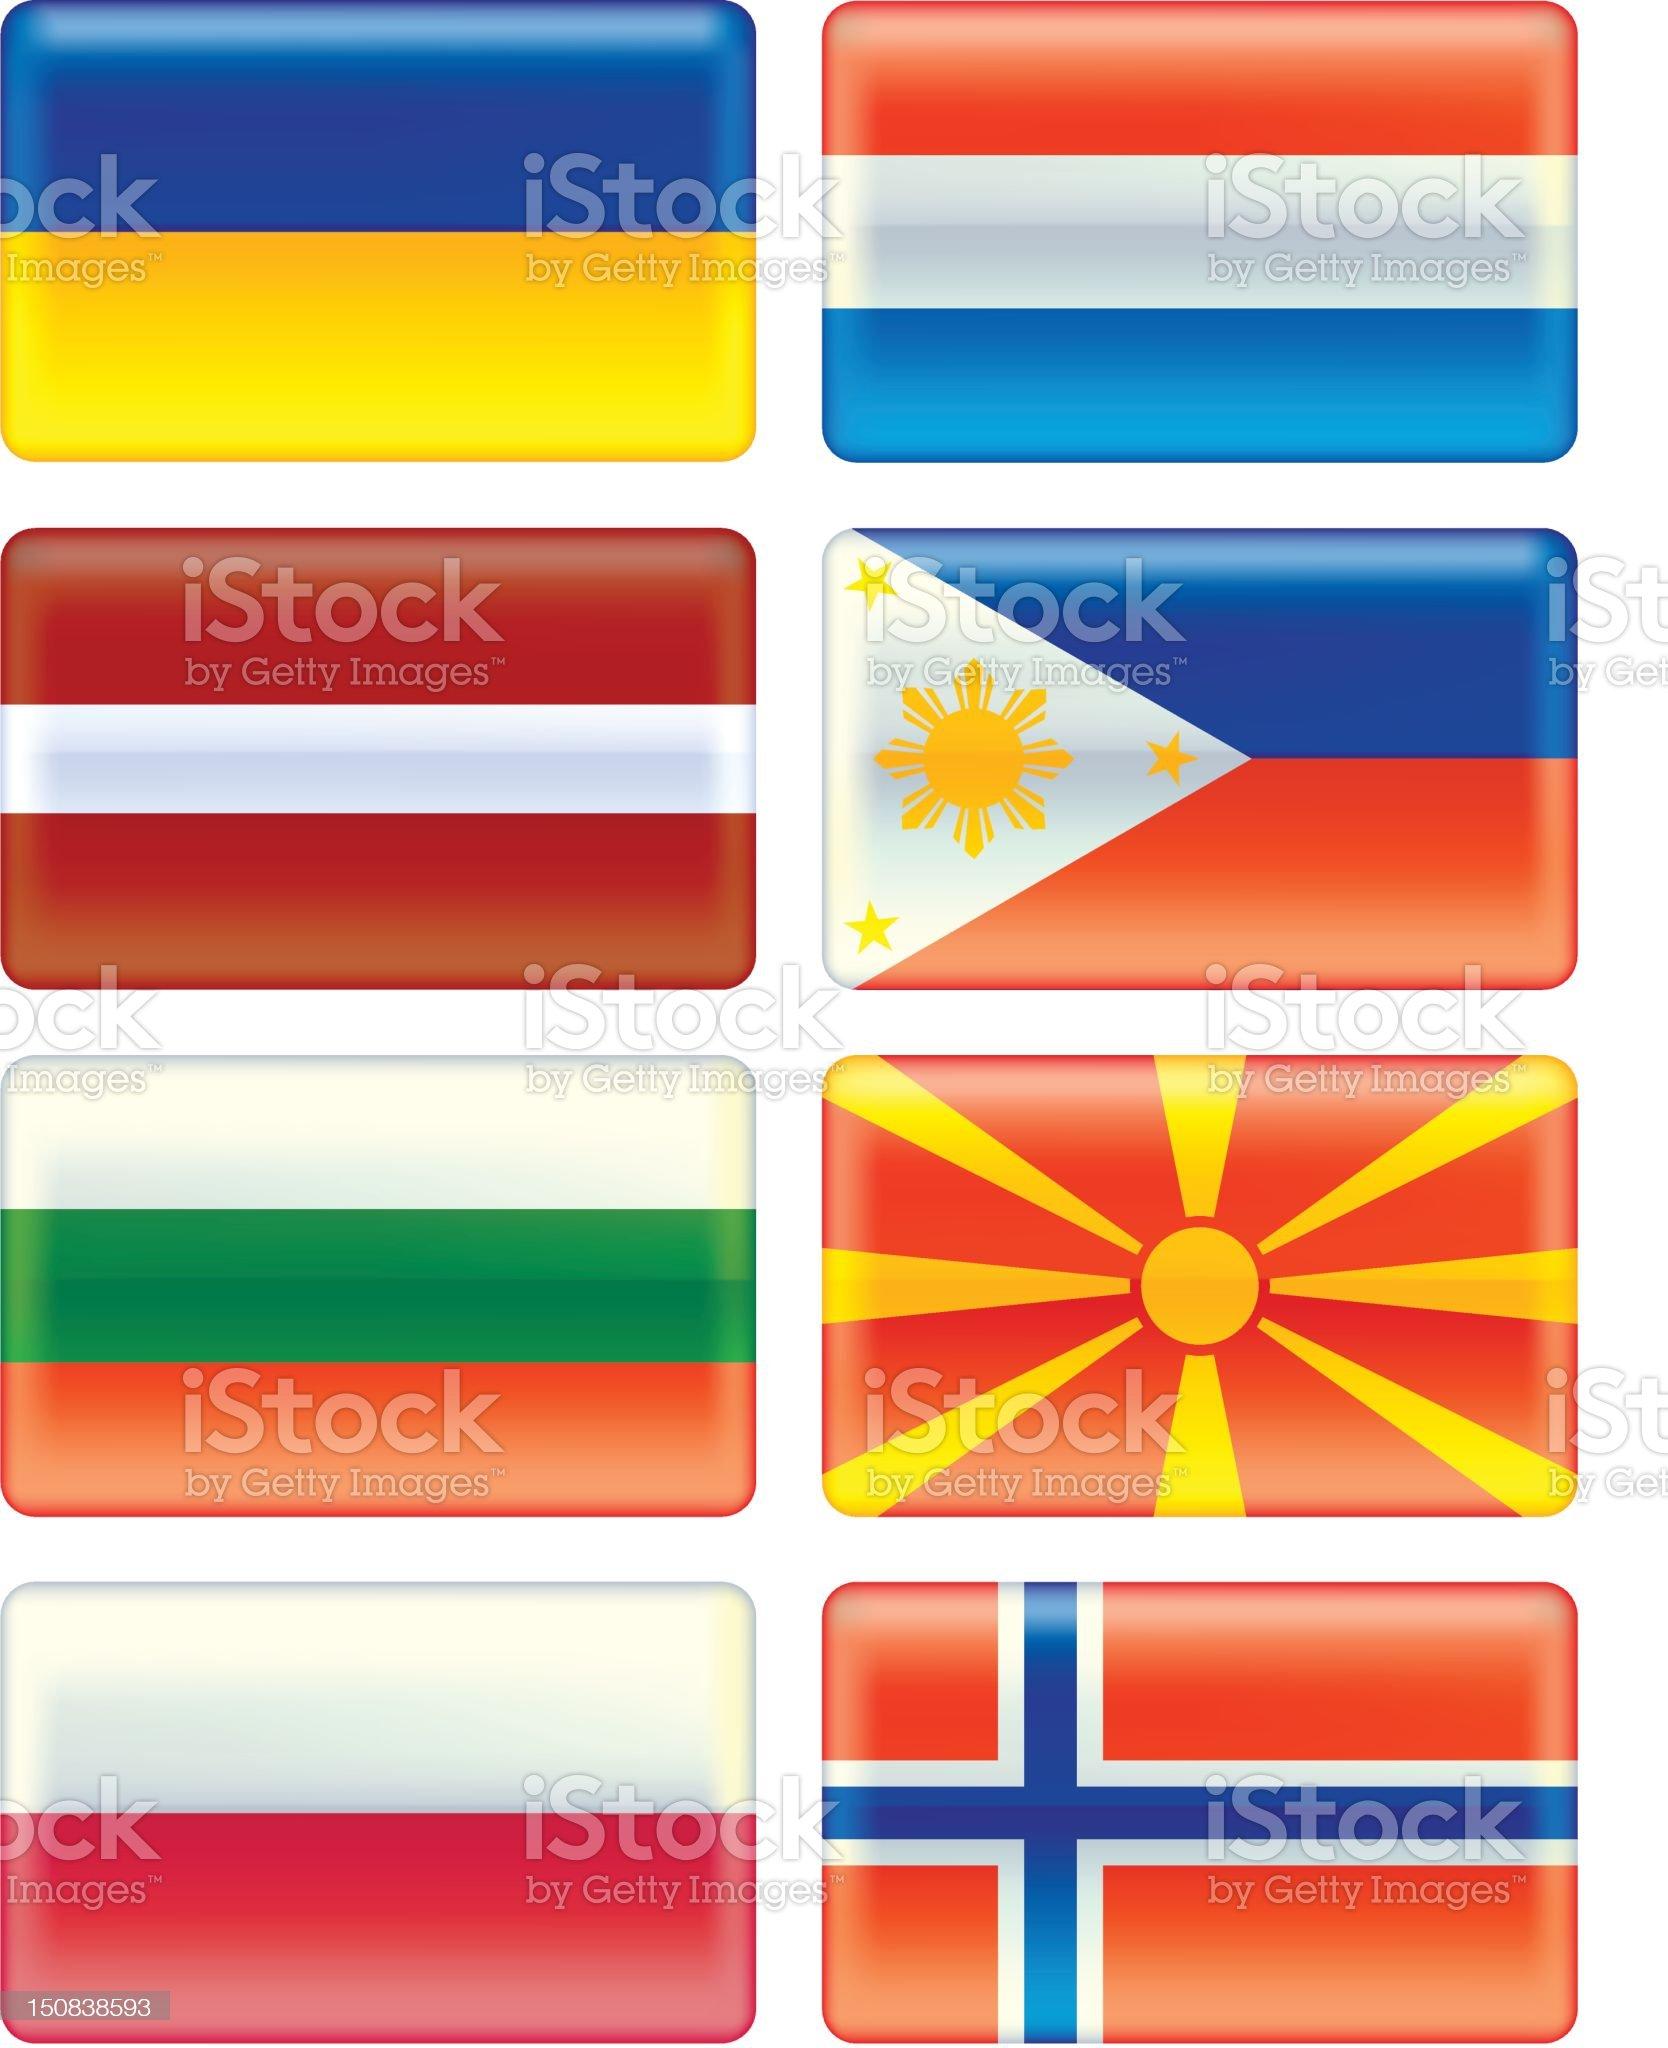 Aqua flags set 6 royalty-free stock vector art